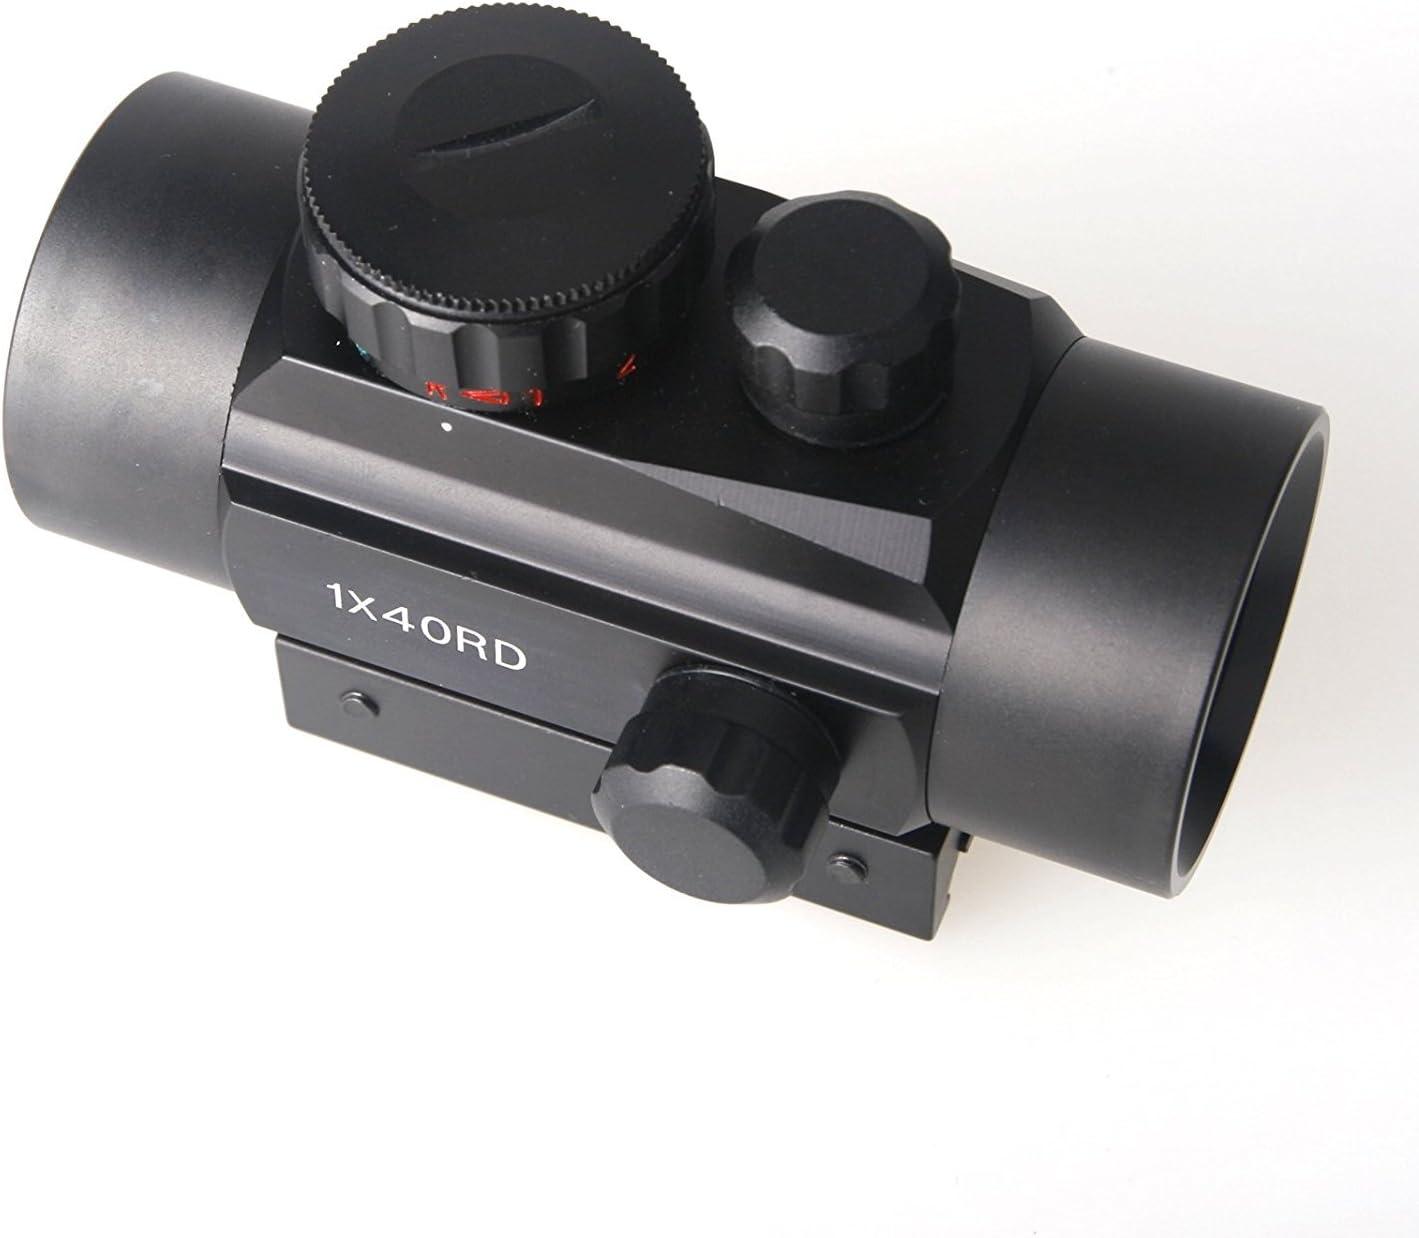 Z ZELUS Mirino Telescopico Tattico 1x40mm Reflex Verde e Punto Rosso con Guide di Montaggio 20mm